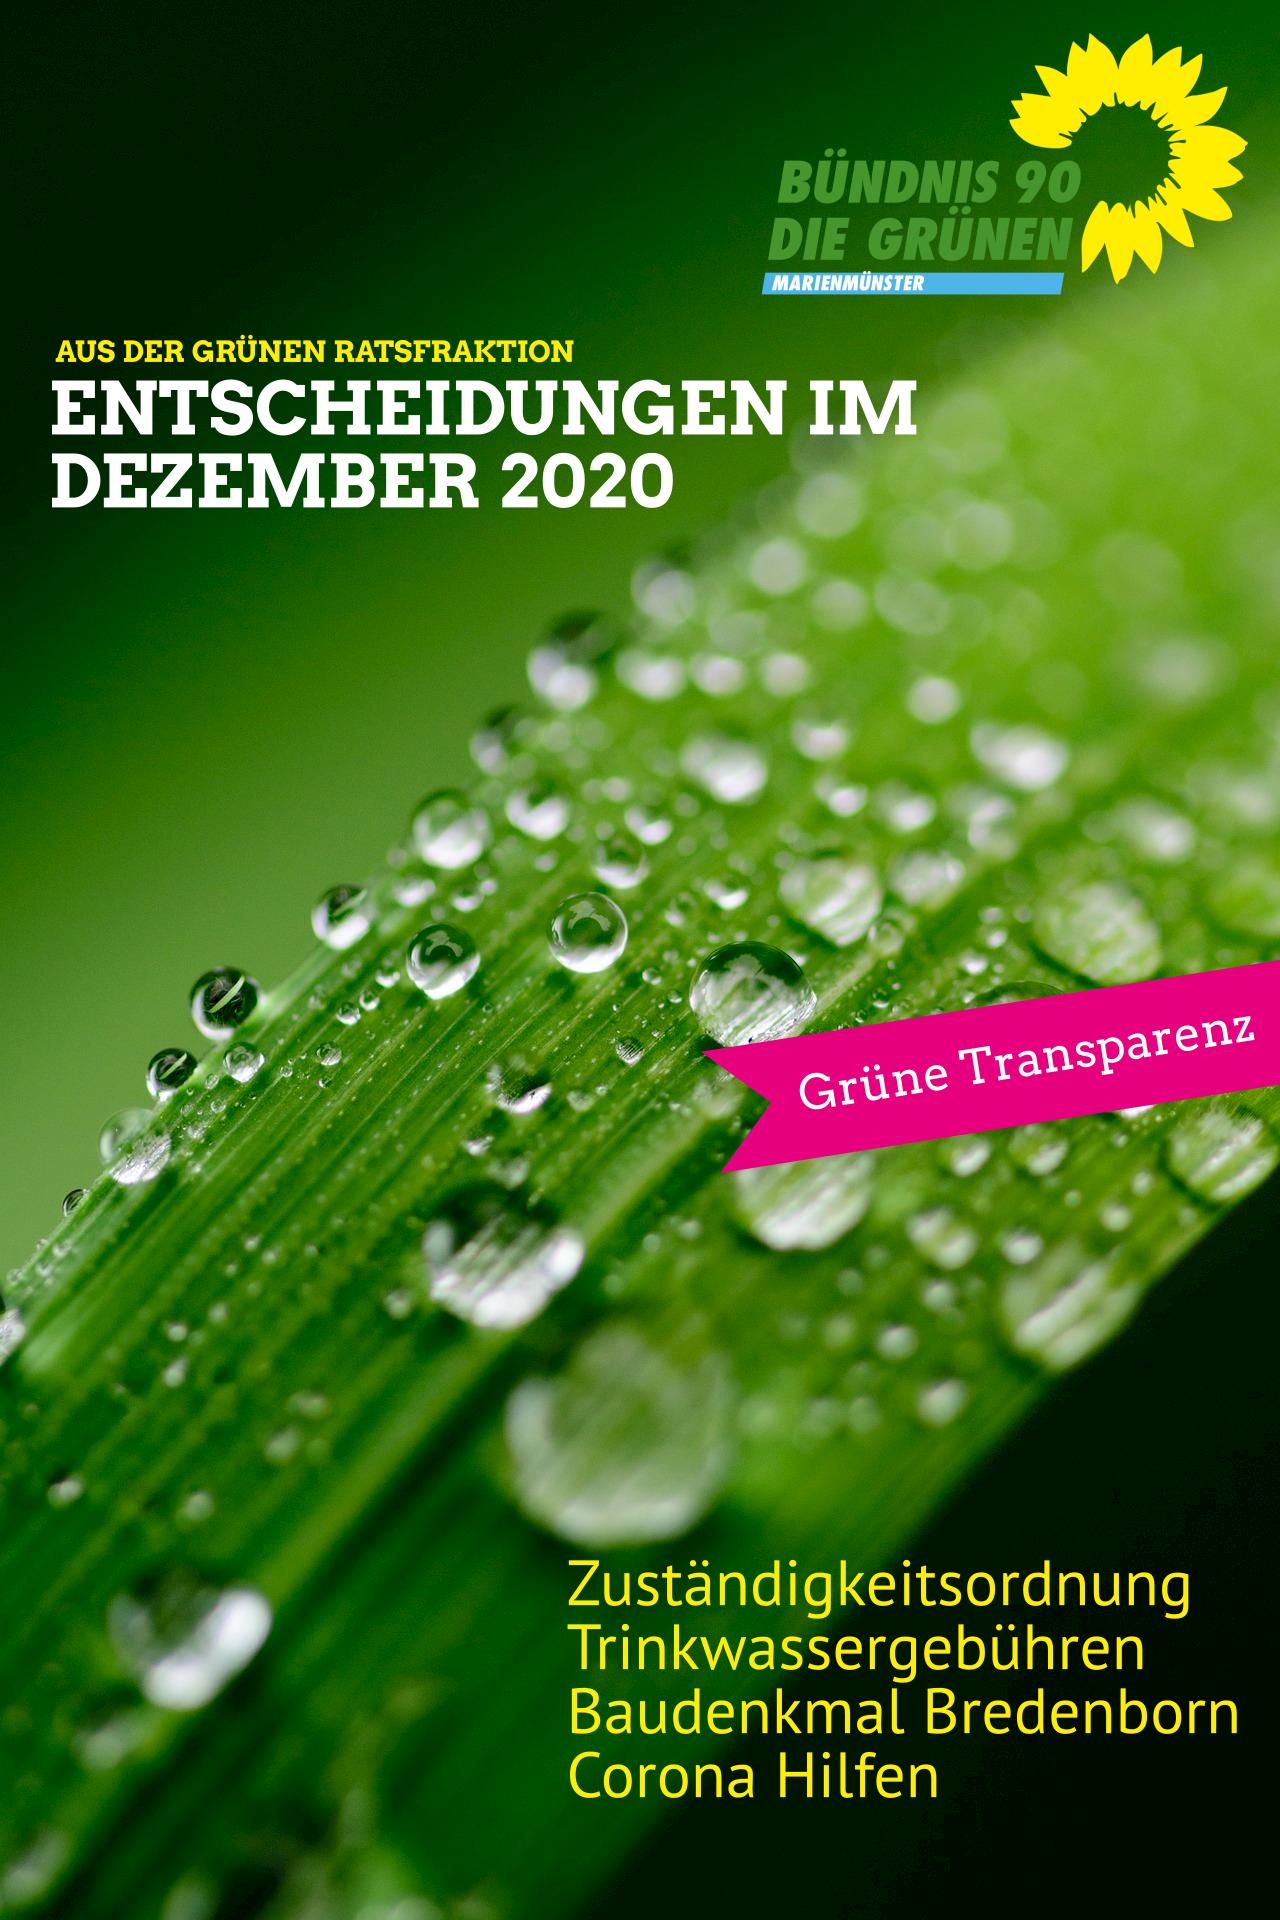 Entscheidungen der Grünen Ratsfraktion im Dezember 2020